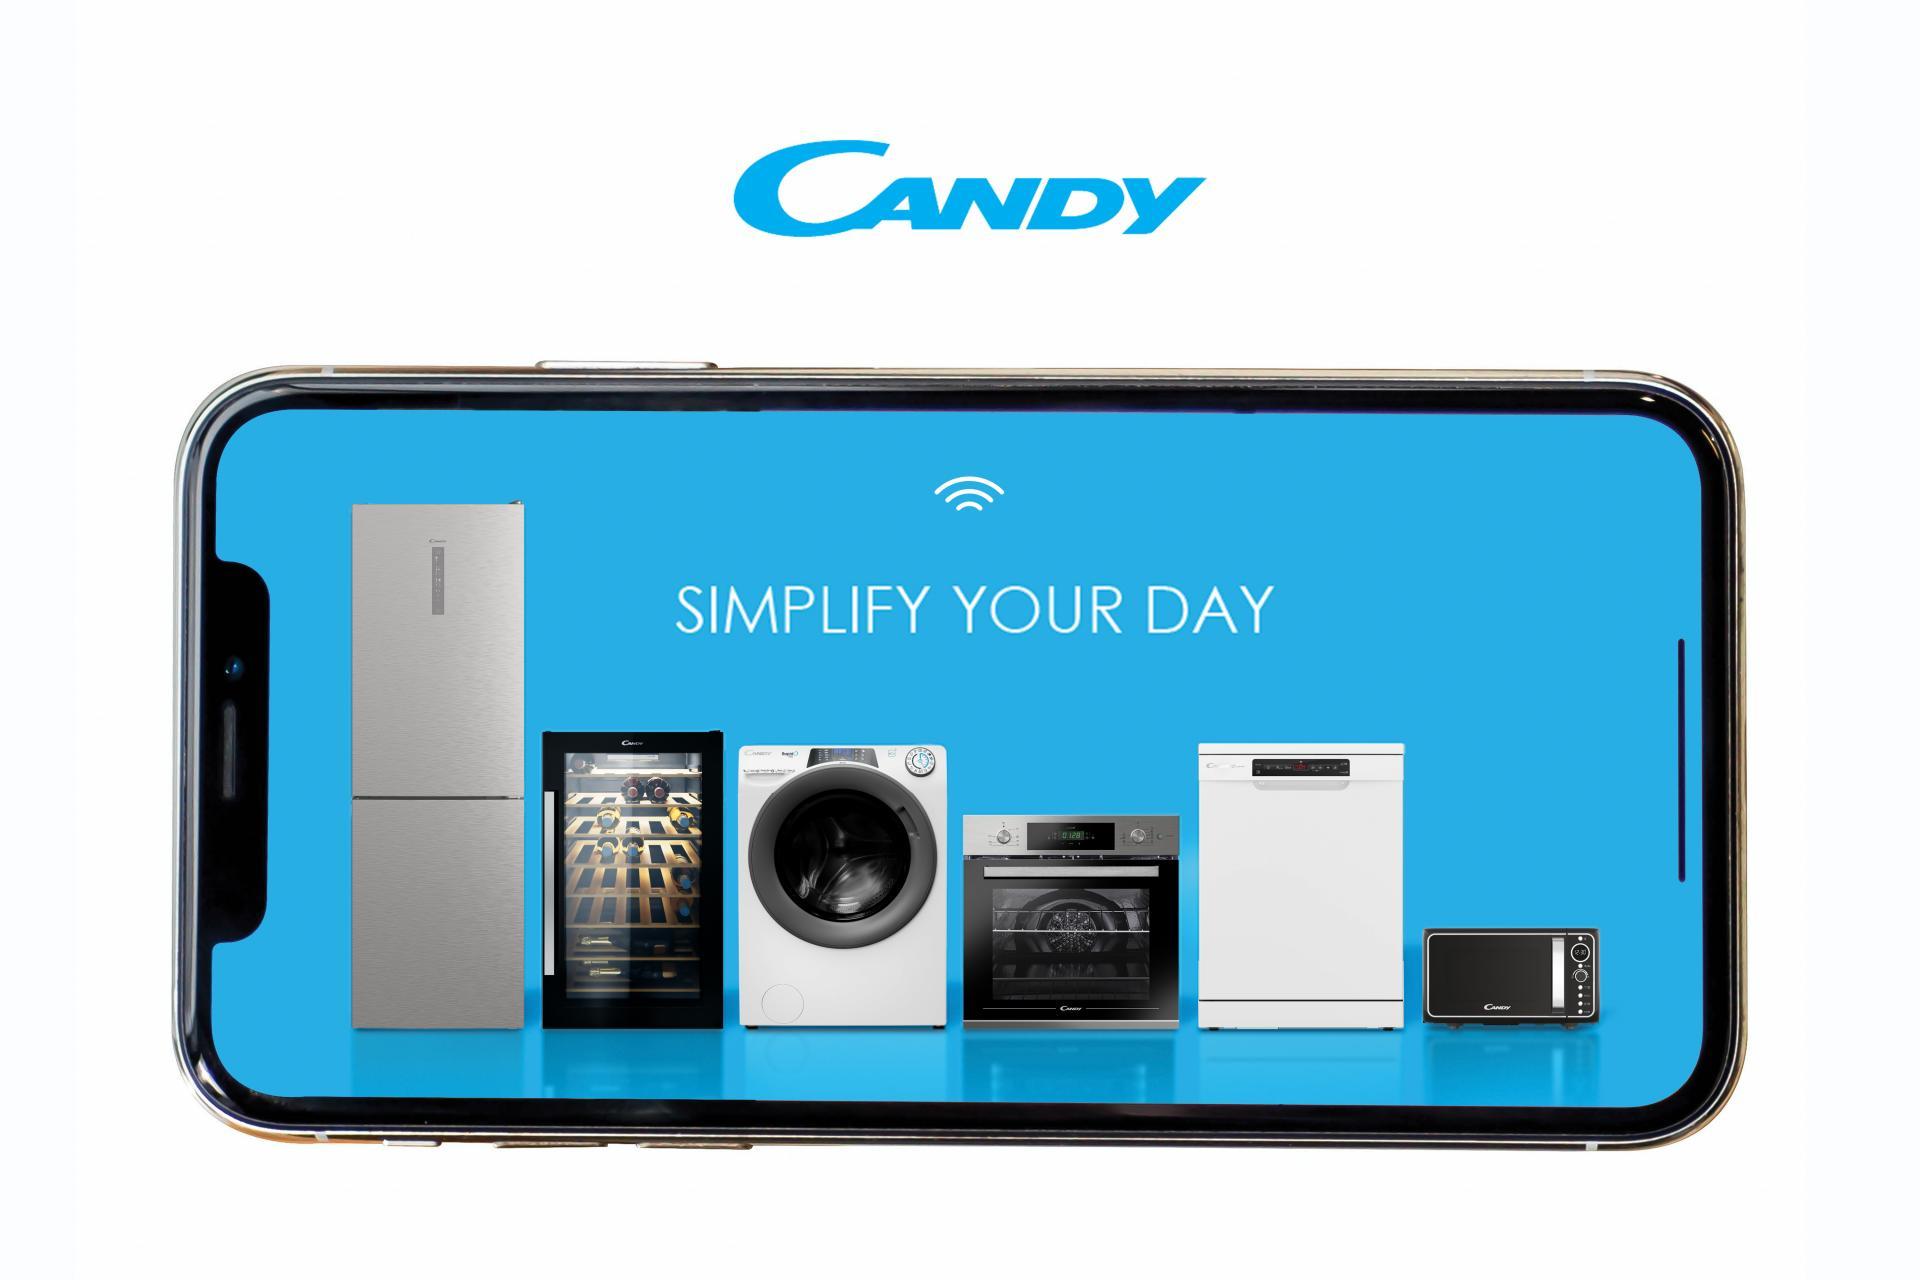 Миланская неделя дизайна2021: Candy представит умную концепцию«сфотографируй исделай»